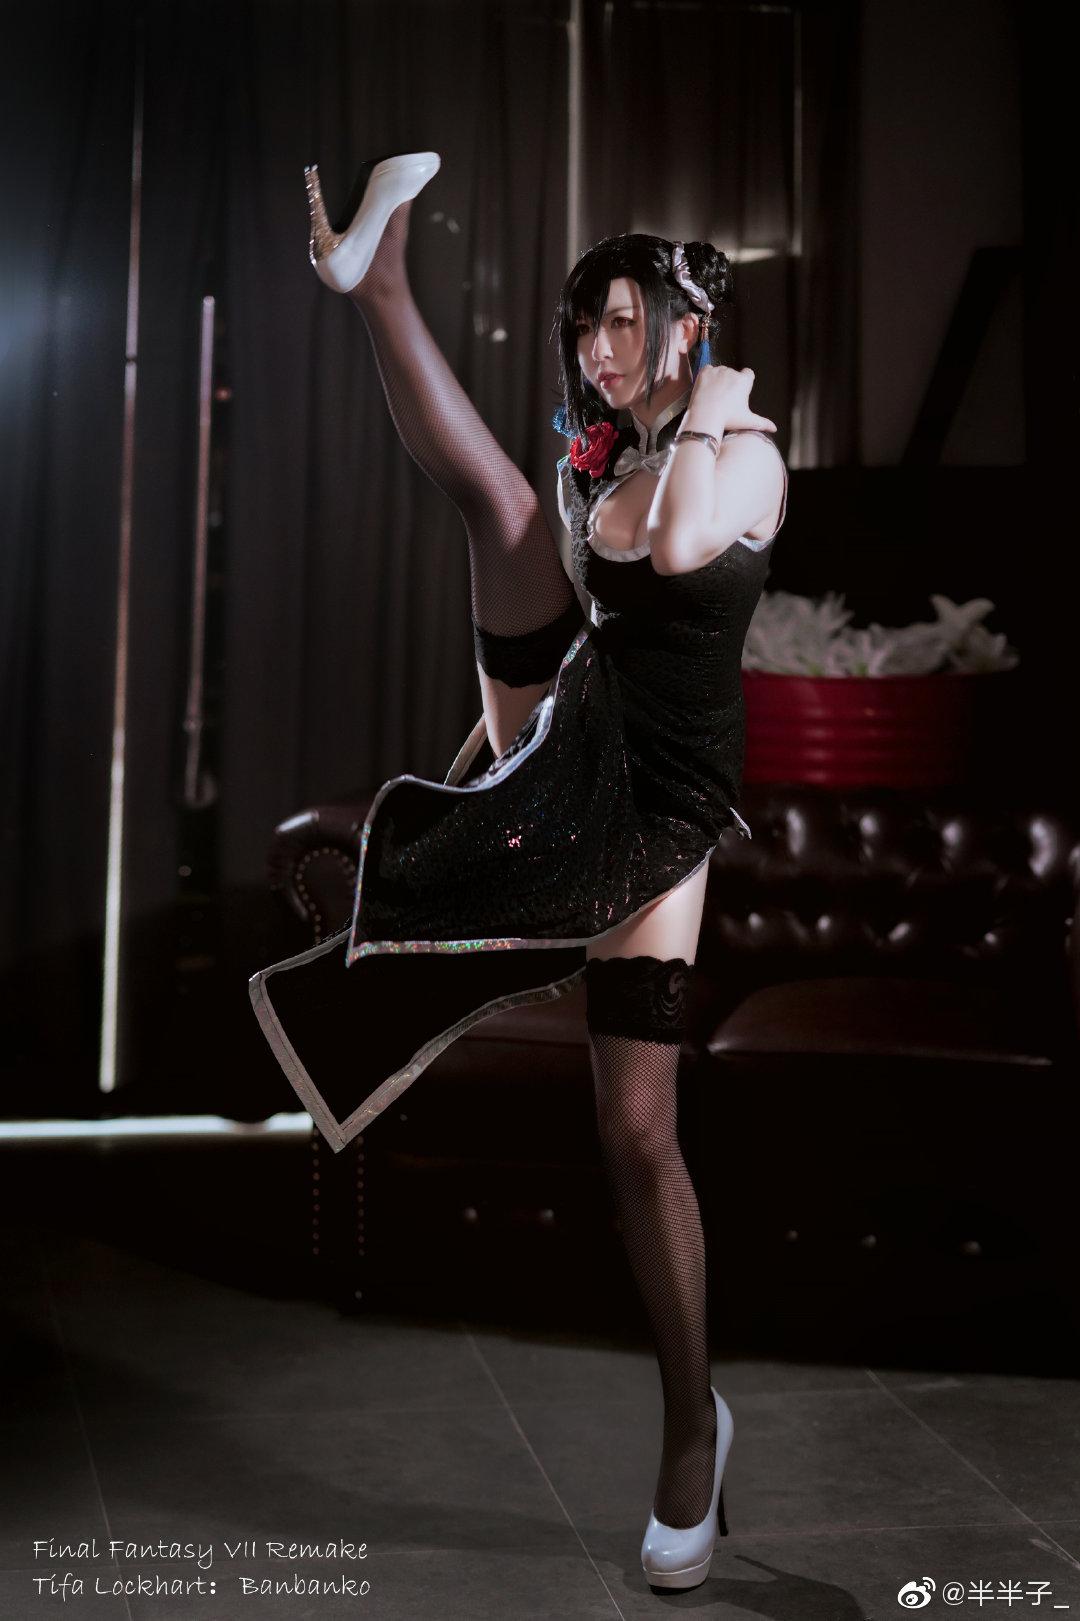 最终幻想7重制版   蒂法·洛克哈特   @半半子_ (9P)-第3张